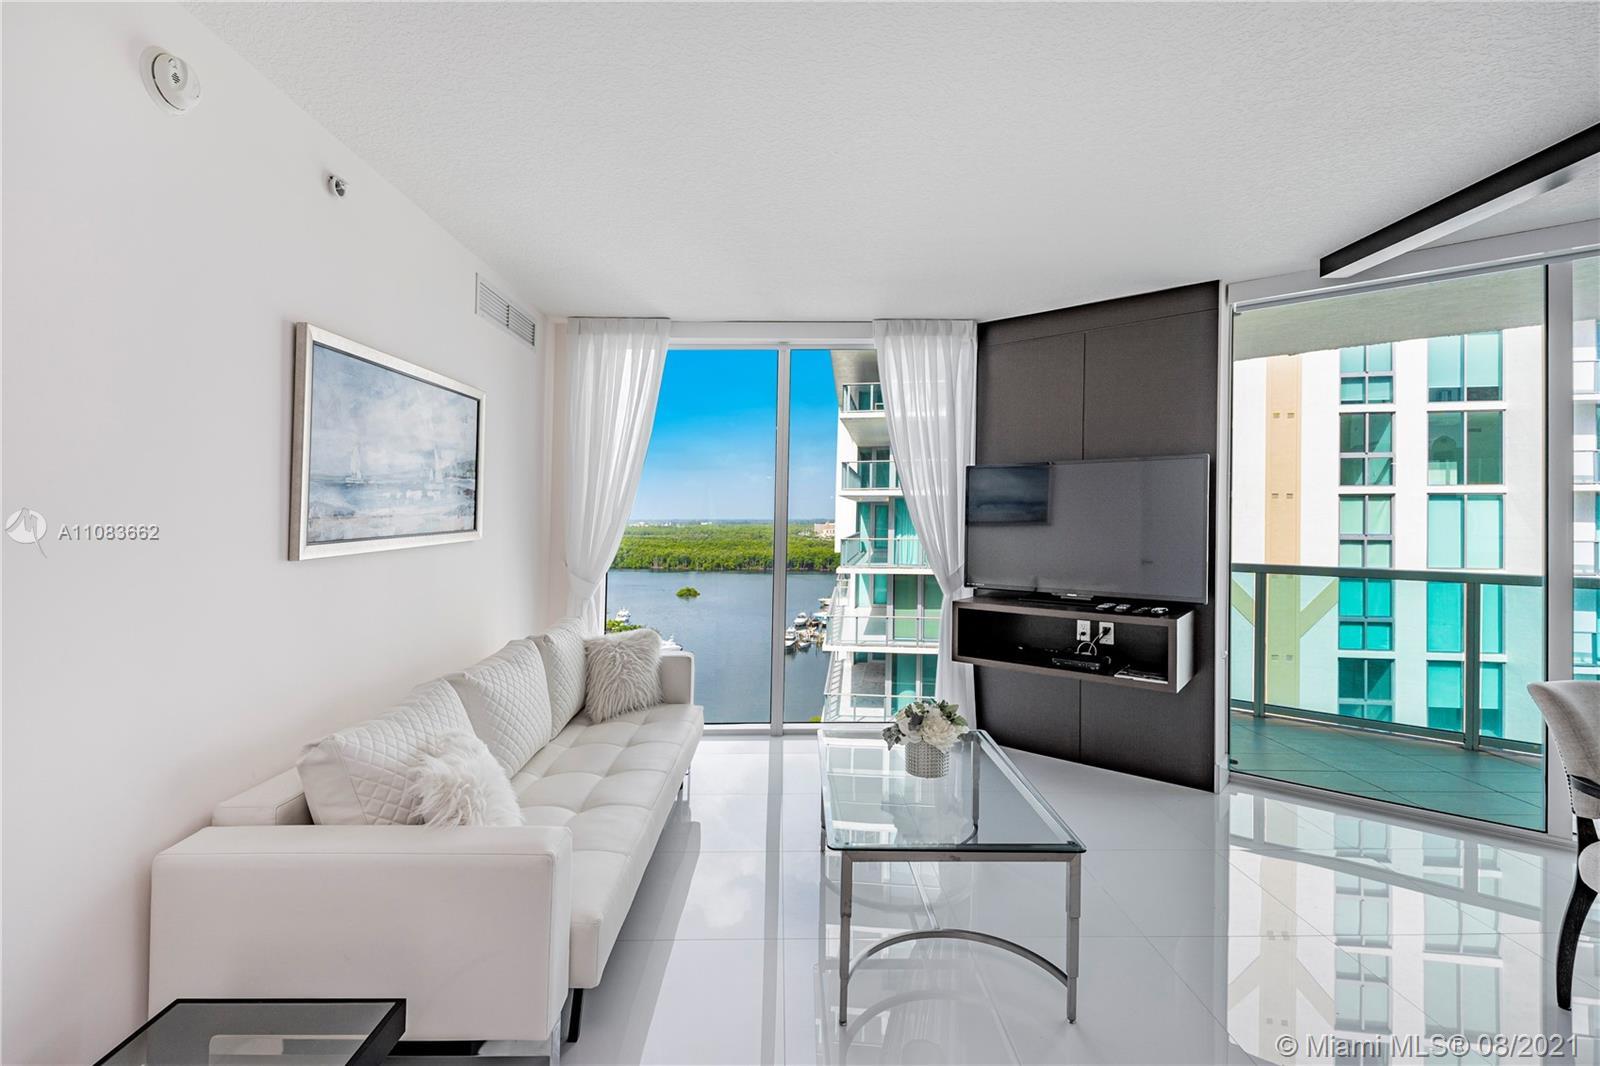 St Tropez III #3-1704 - 250 Sunny Isles Blvd (Avai Nov 12,2021 ) #3-1704, Sunny Isles Beach, FL 33160